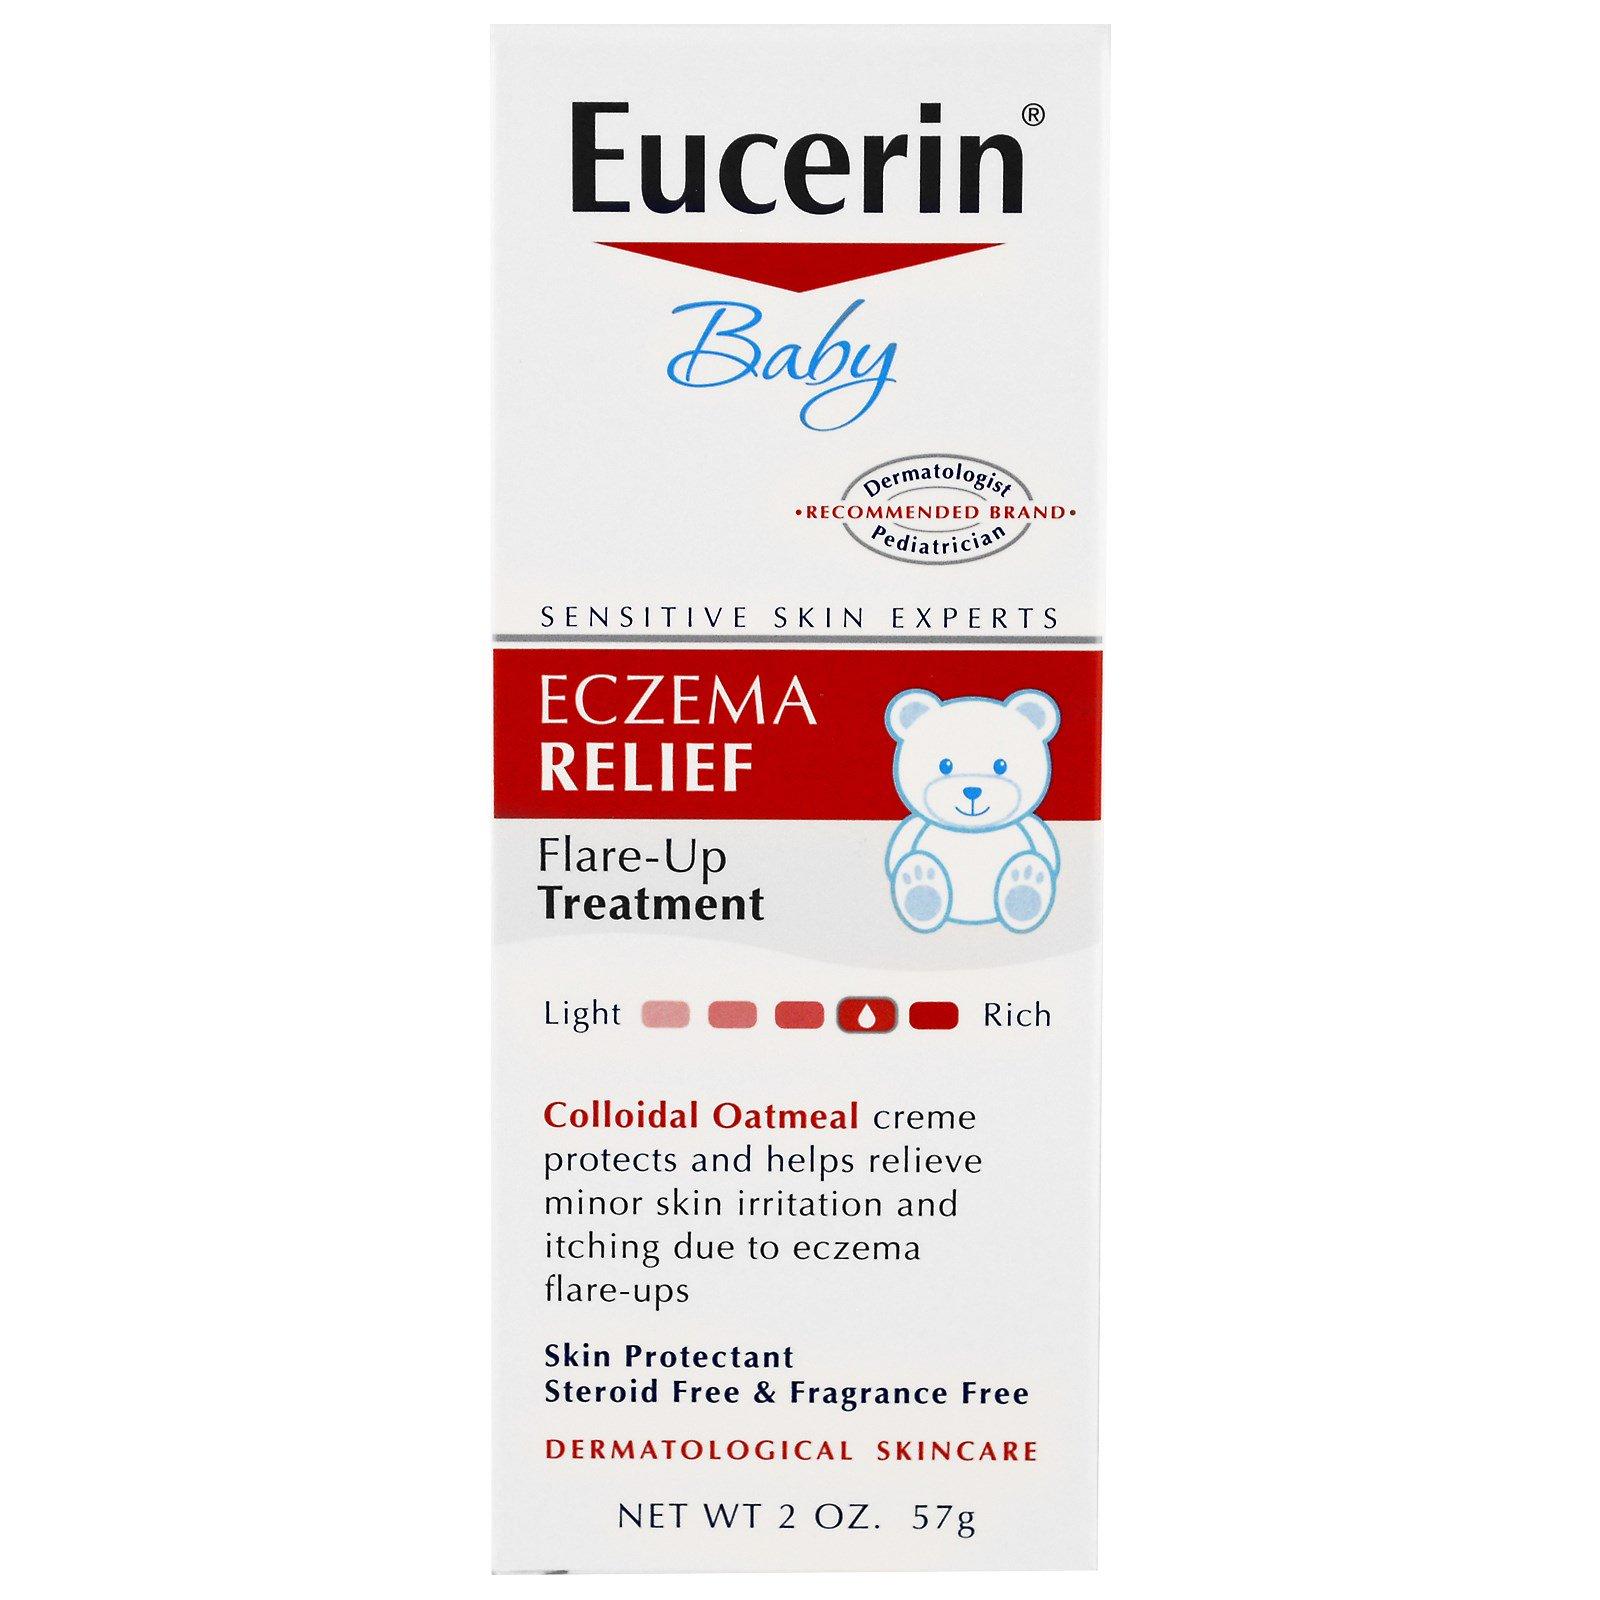 Eucerin Eucerin Cream Eucerin Lotion More Iherb Com Iherb Com